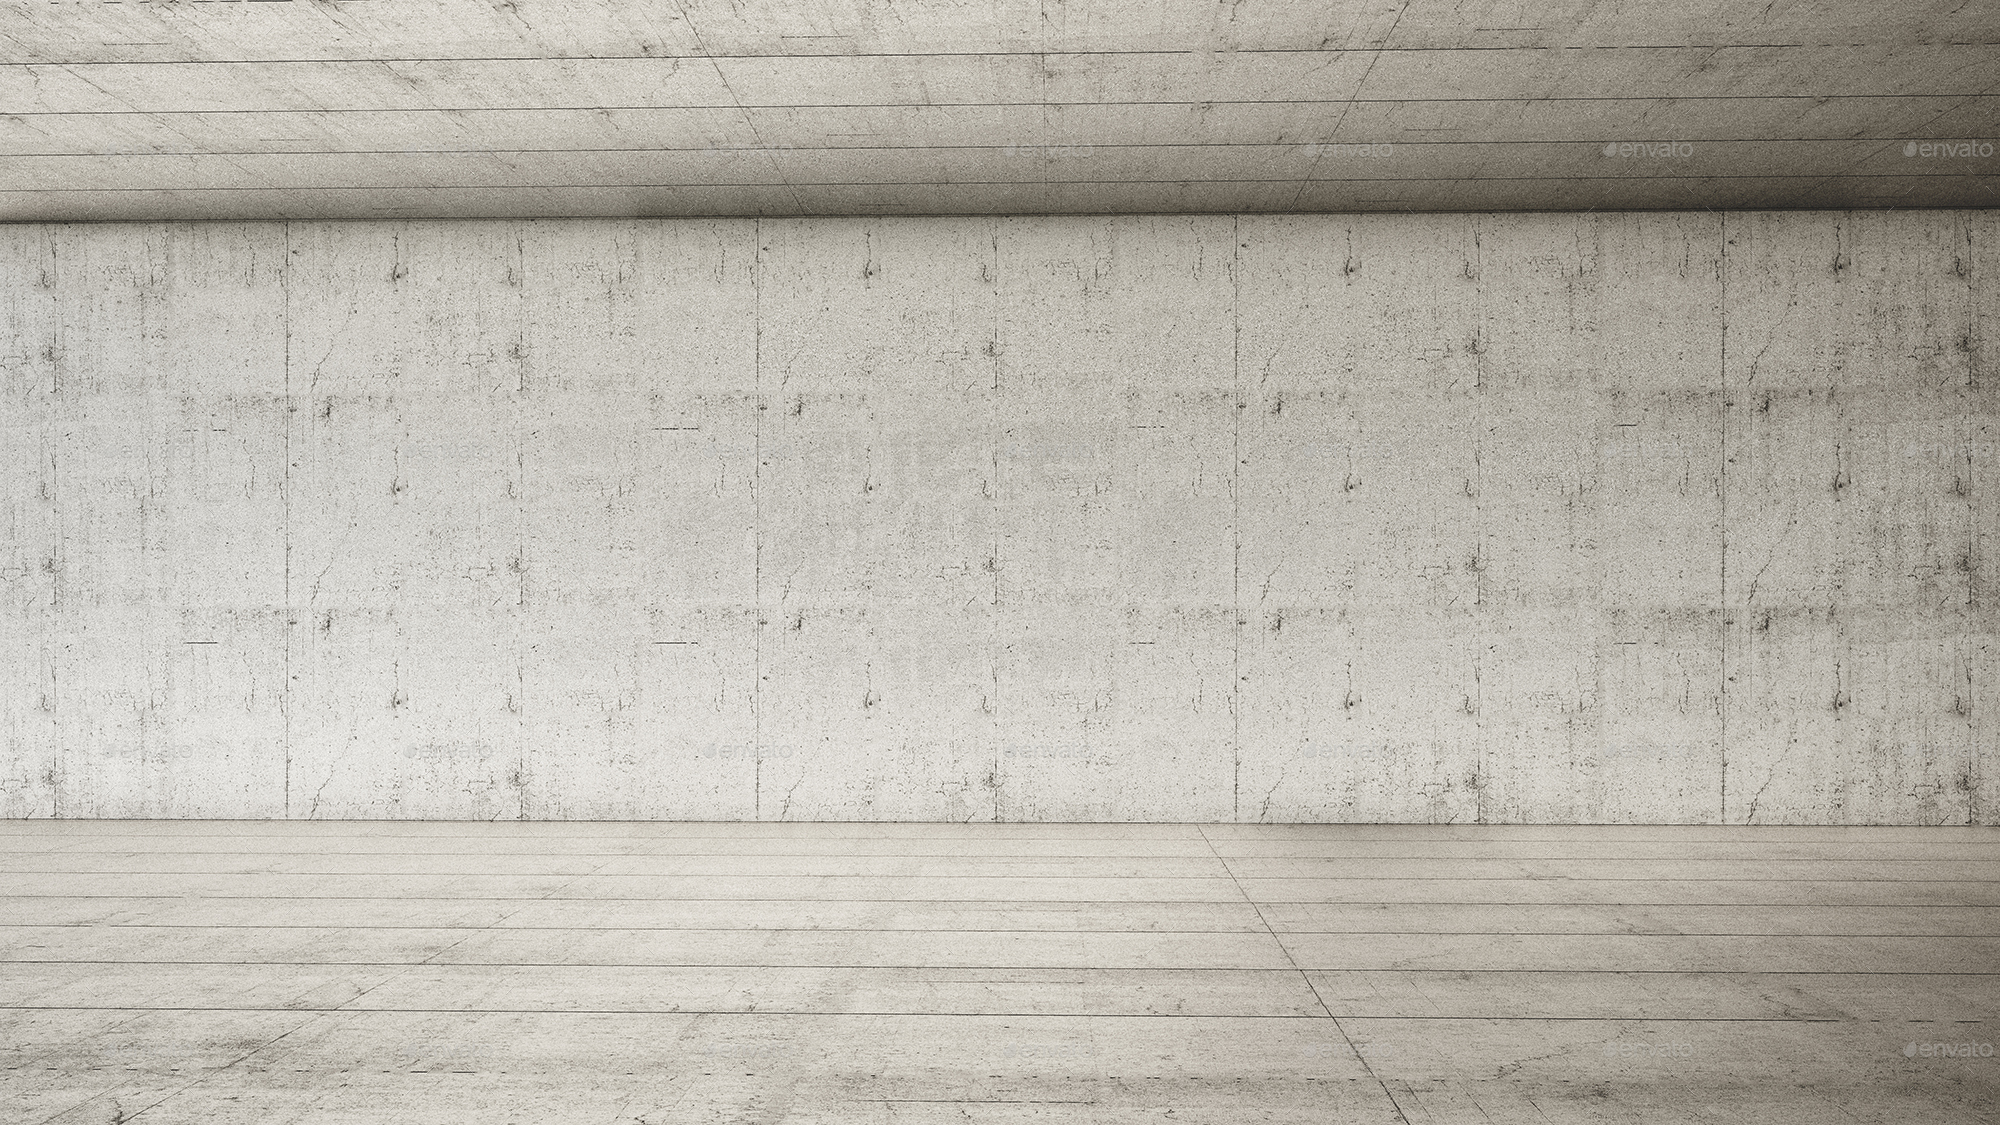 empty interior frontal concretearezio | graphicriver